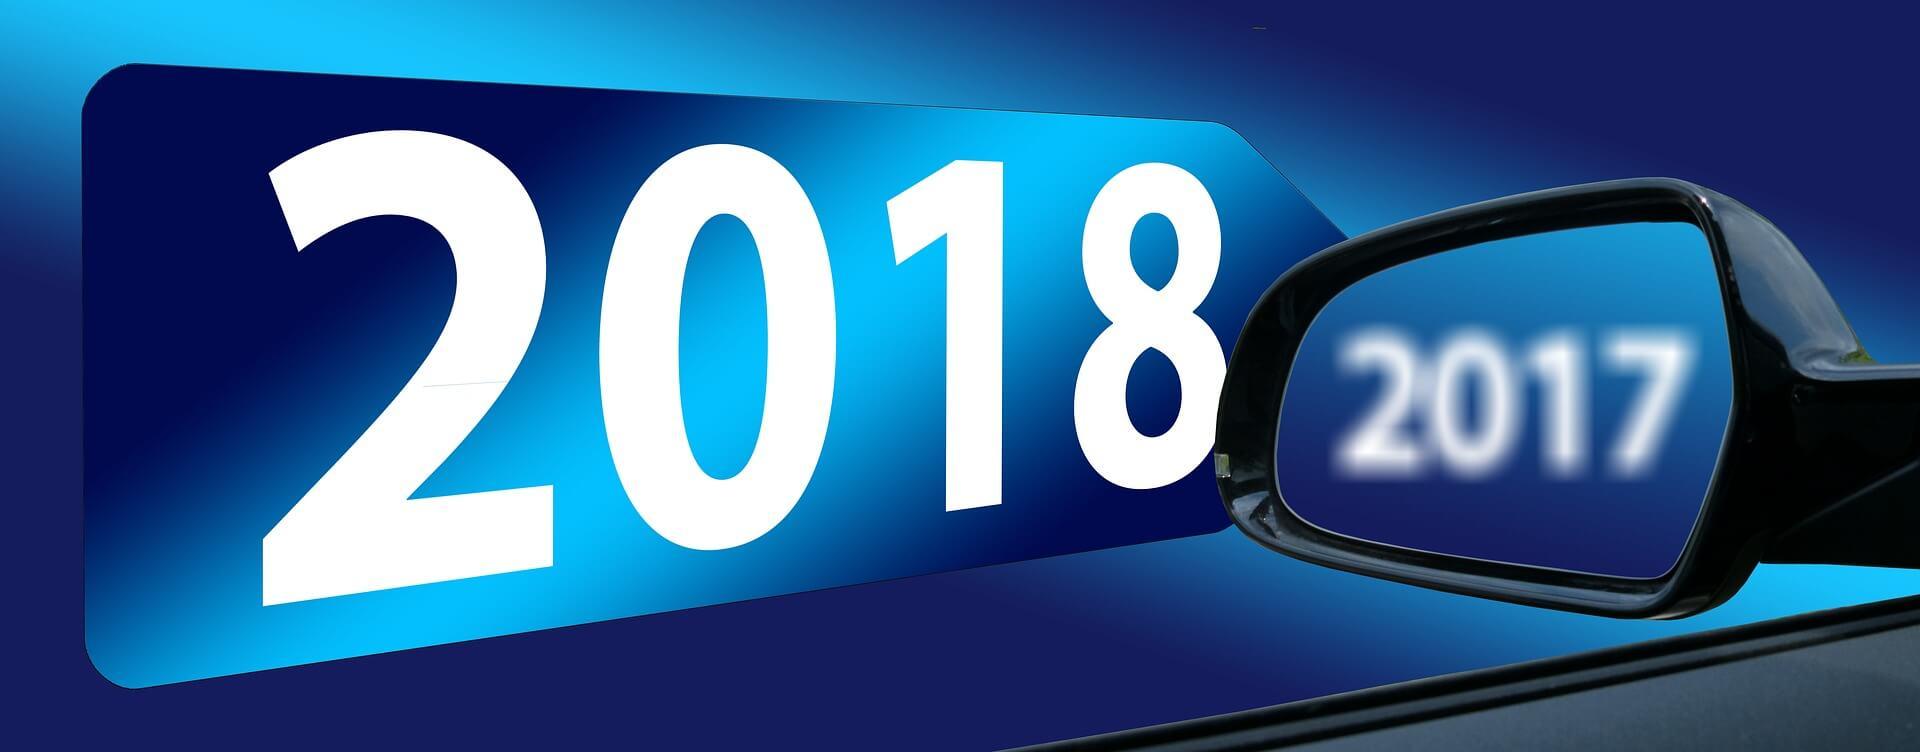 【2018】今年のホーフ、的な。